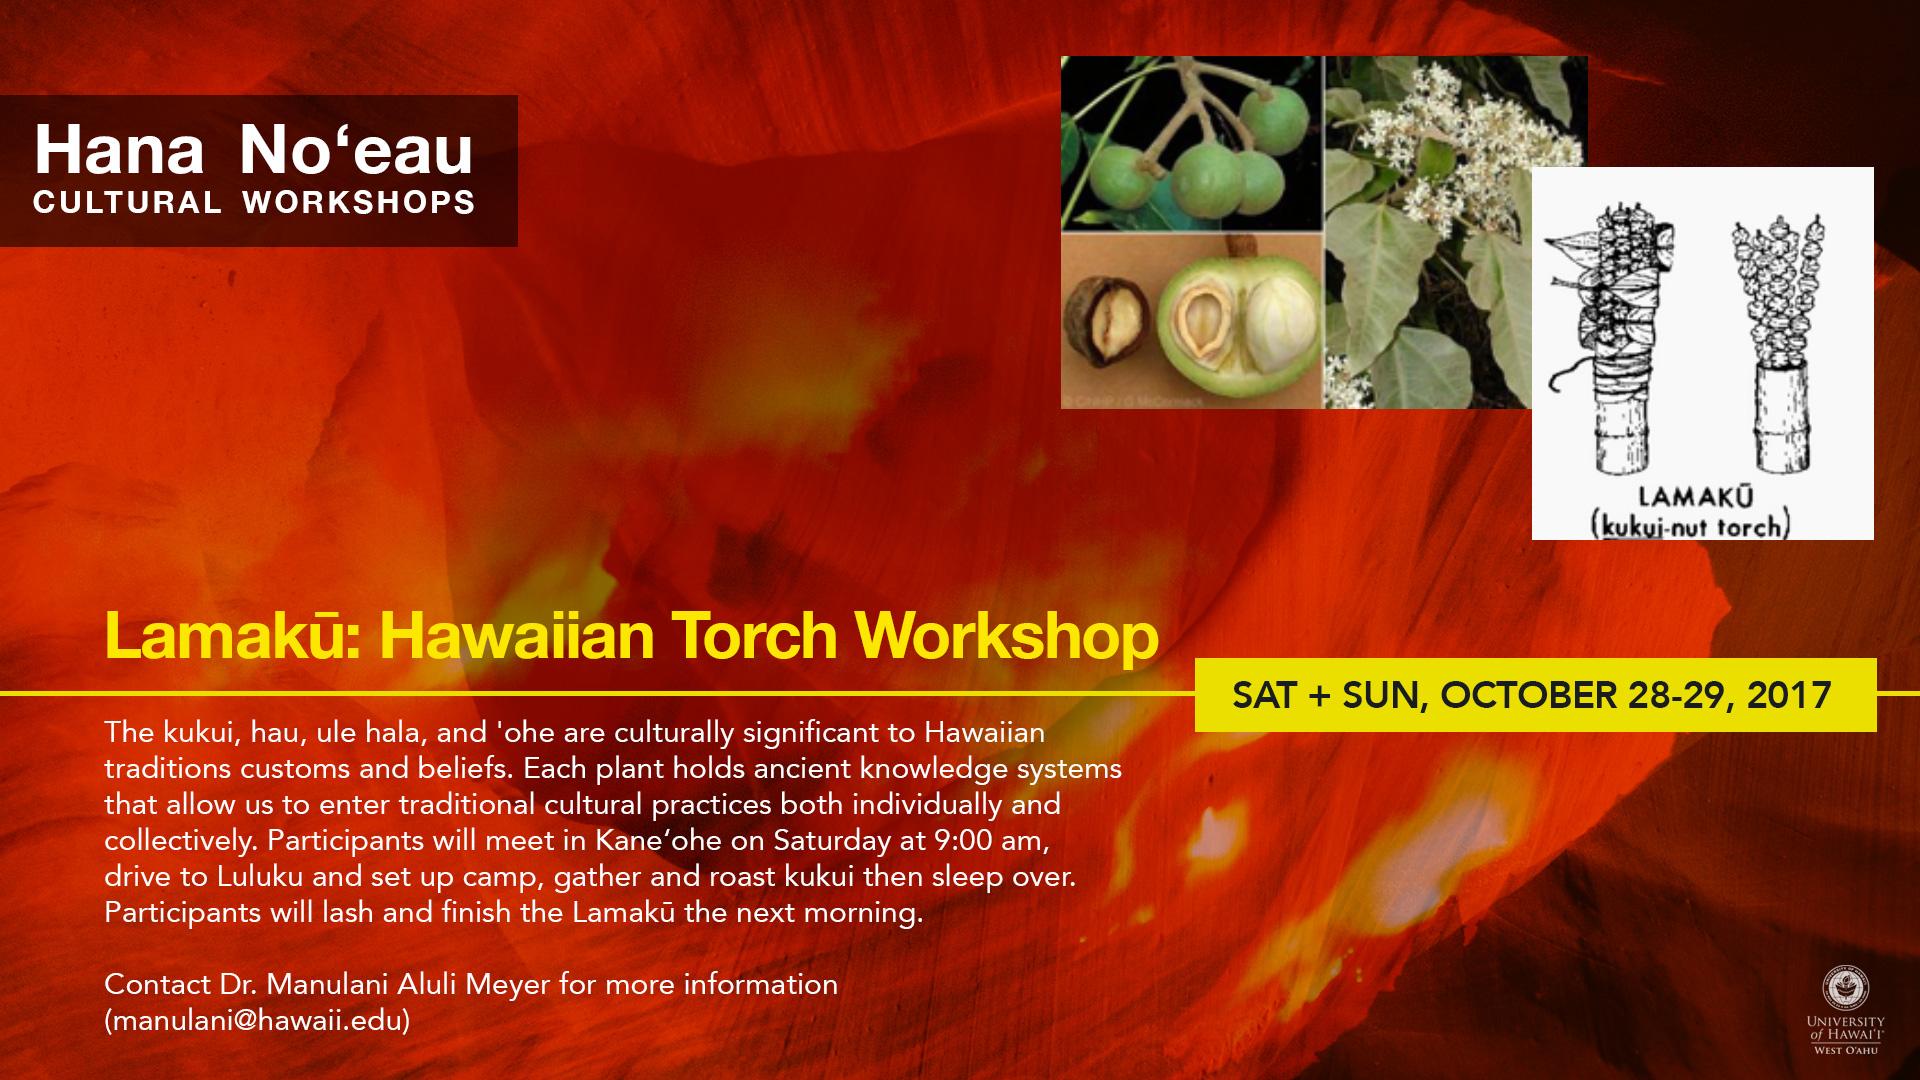 Hana Noeau Workshop Series